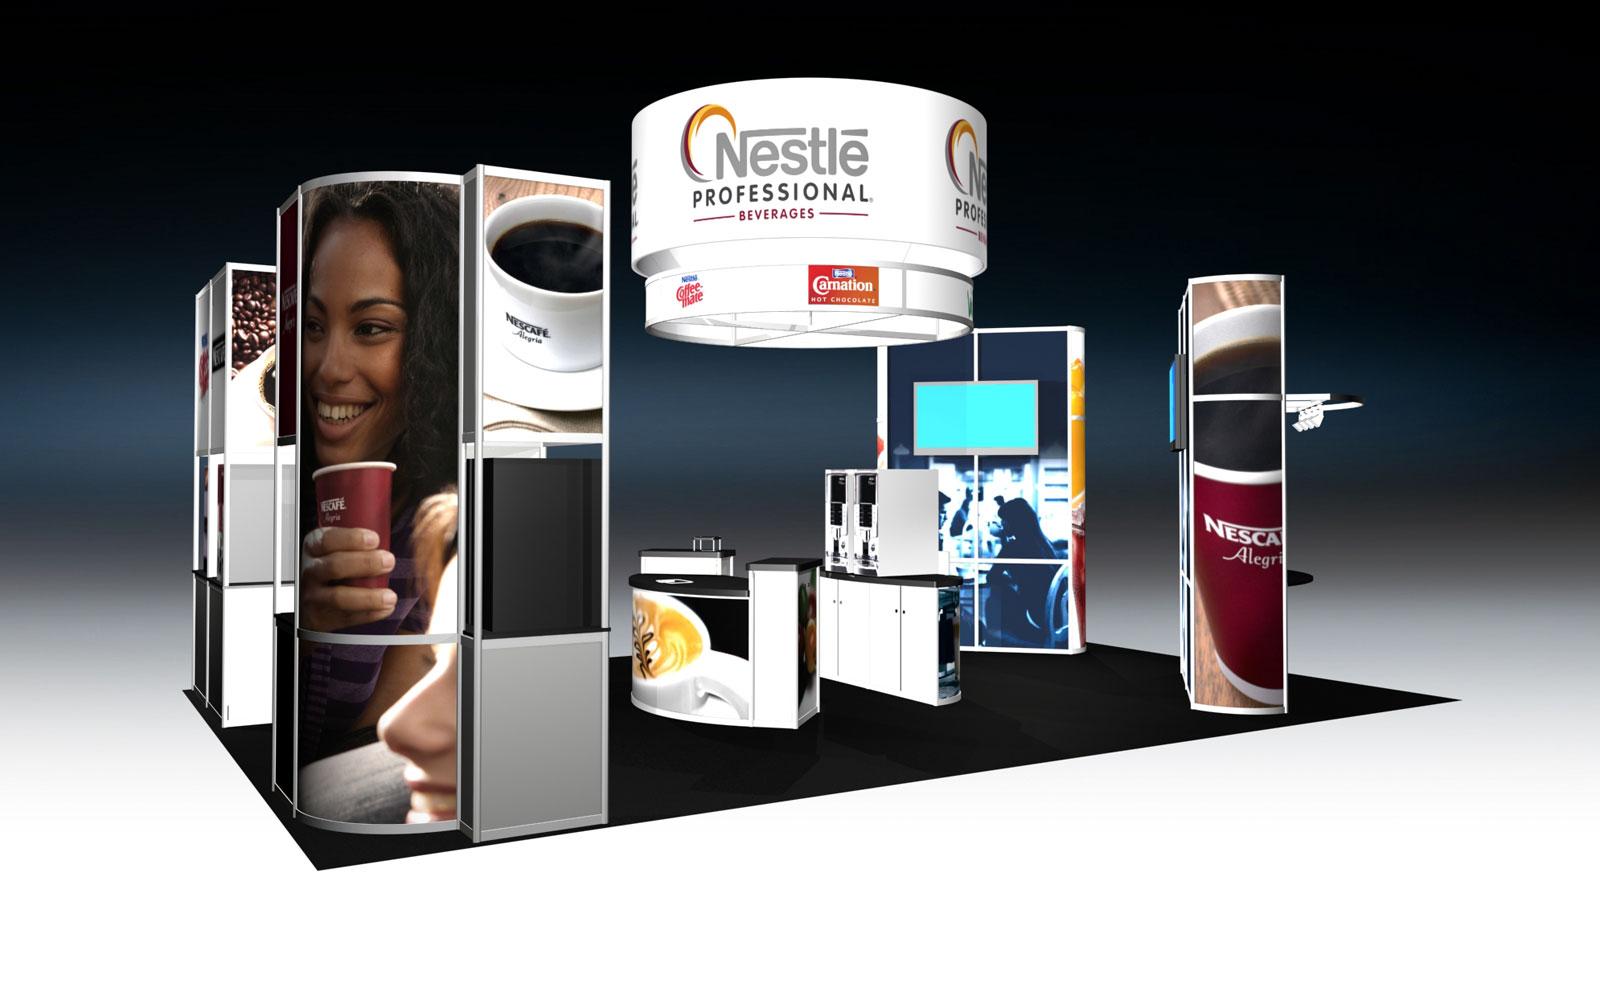 Nestlé Professional Beverages Exhibit